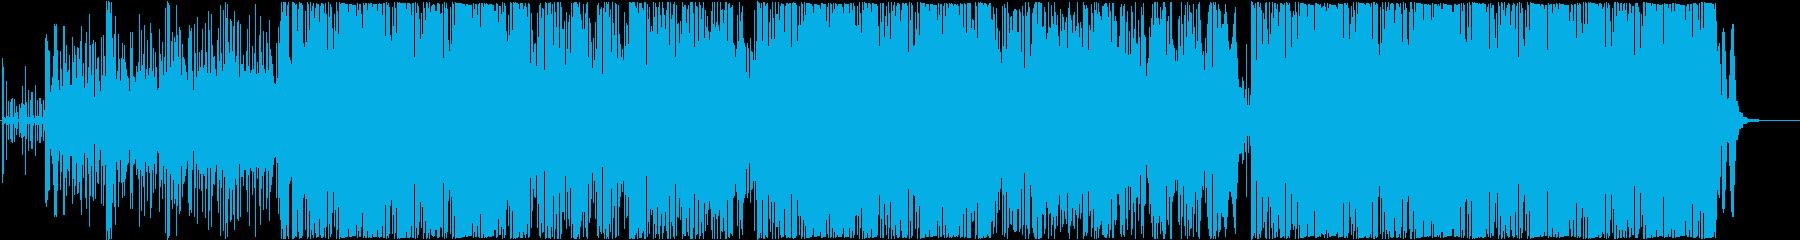 エレクトリックジャズプロジェクト。...の再生済みの波形